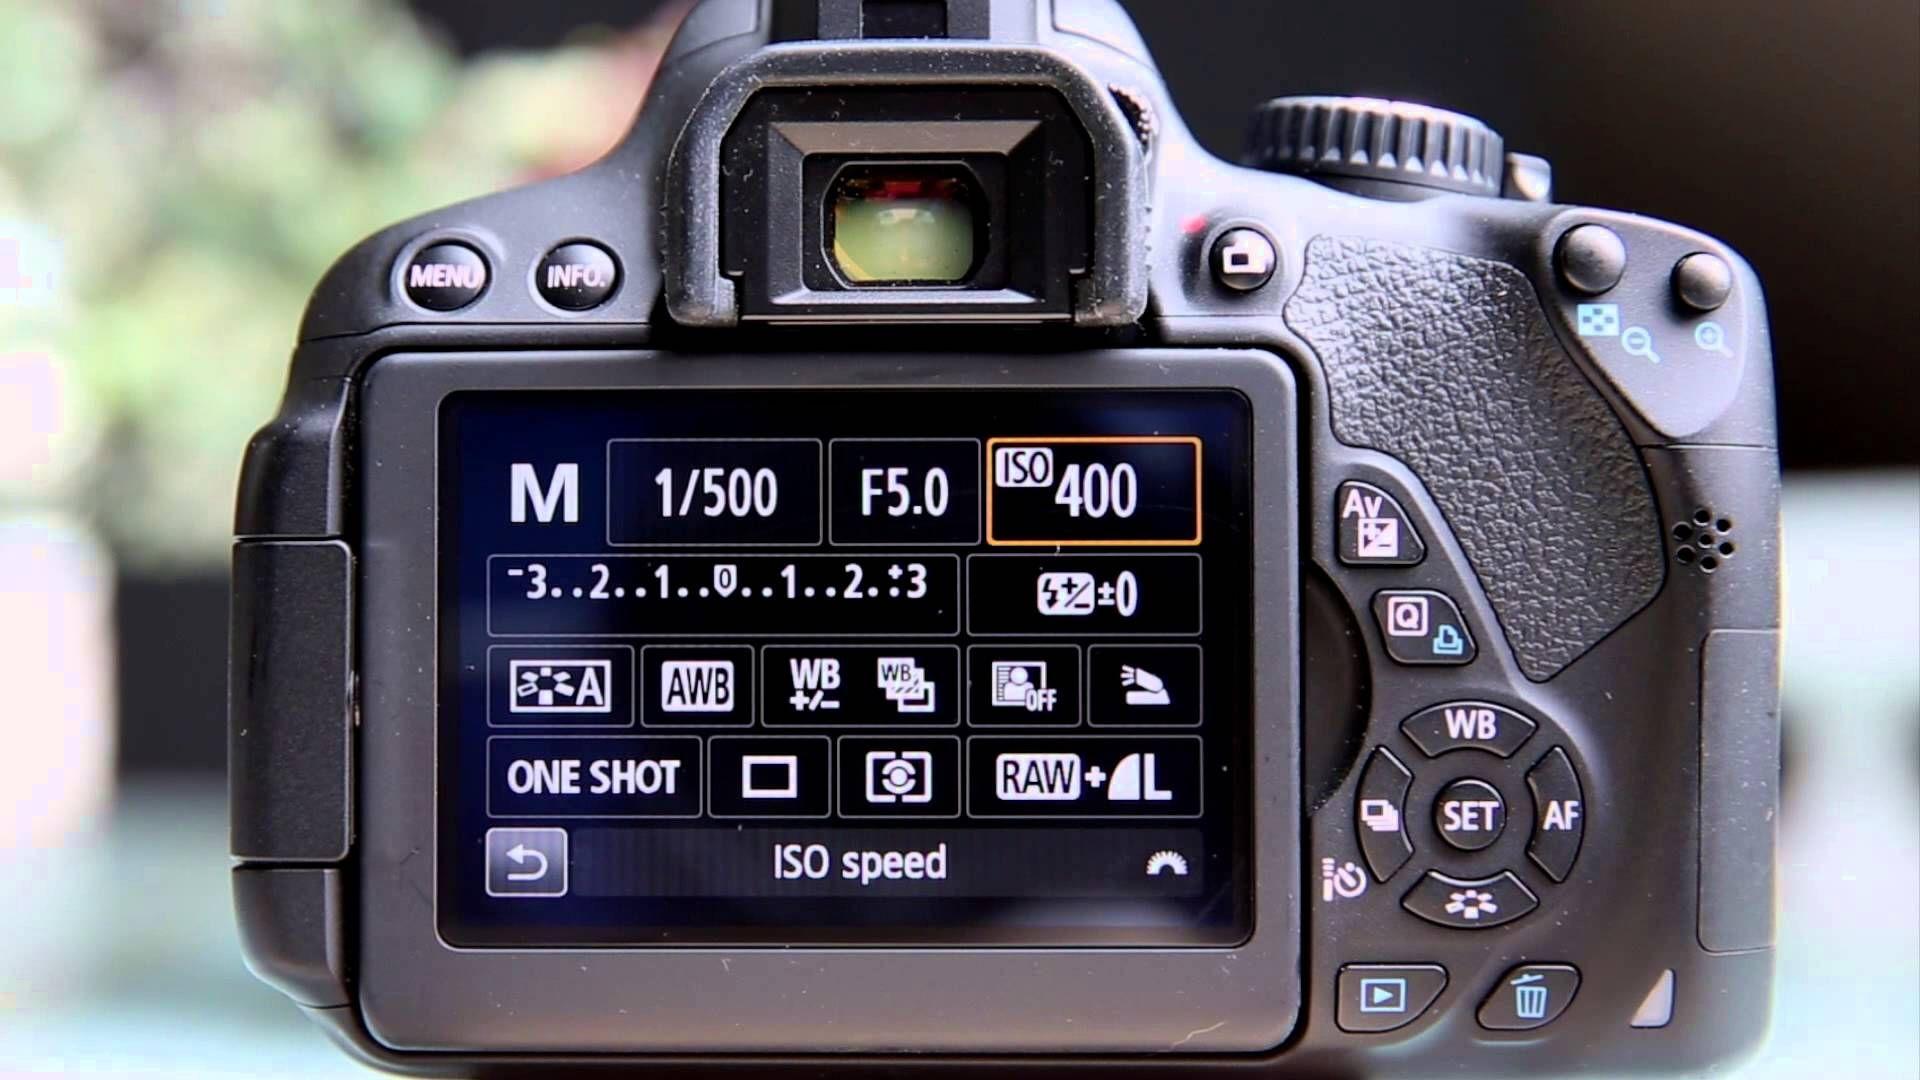 способ, который как настроить фотоаппарат чтобы лицо бедствием